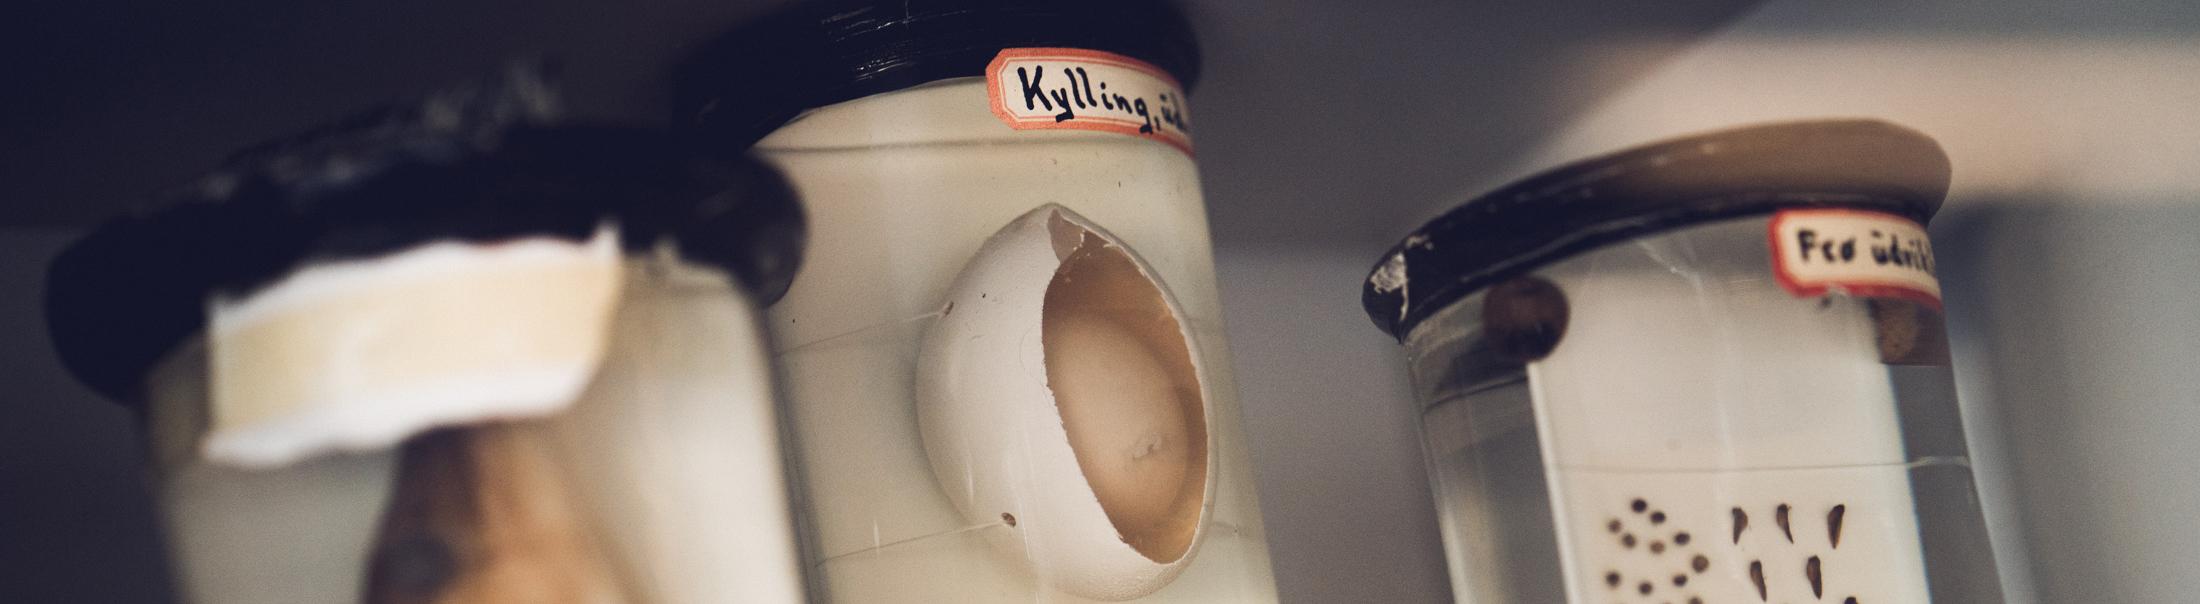 Foto af æg lagt i et glas med sprit.